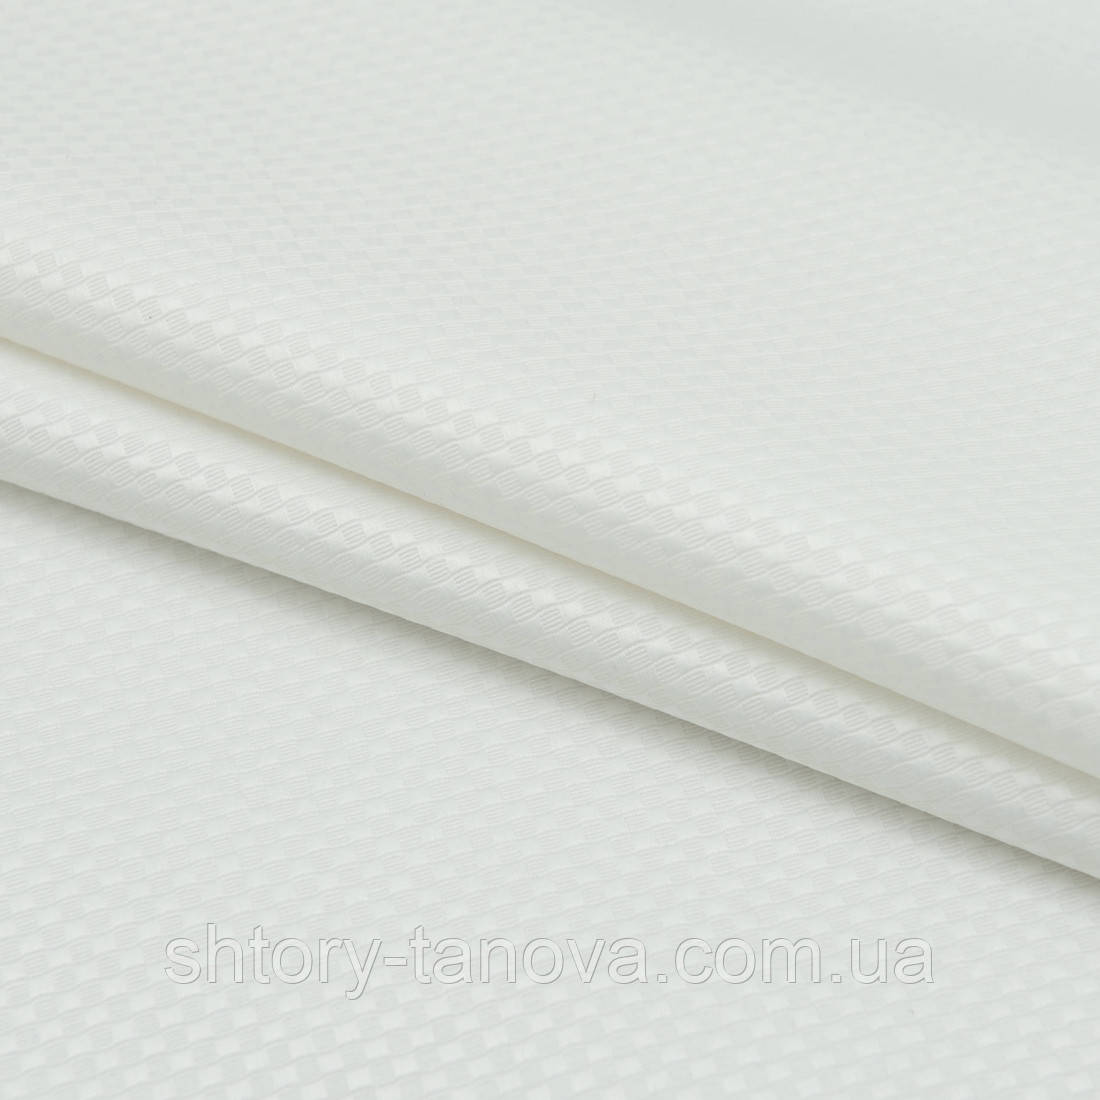 Тканина з акриловою грунтовкою колін /colin /піке молочний